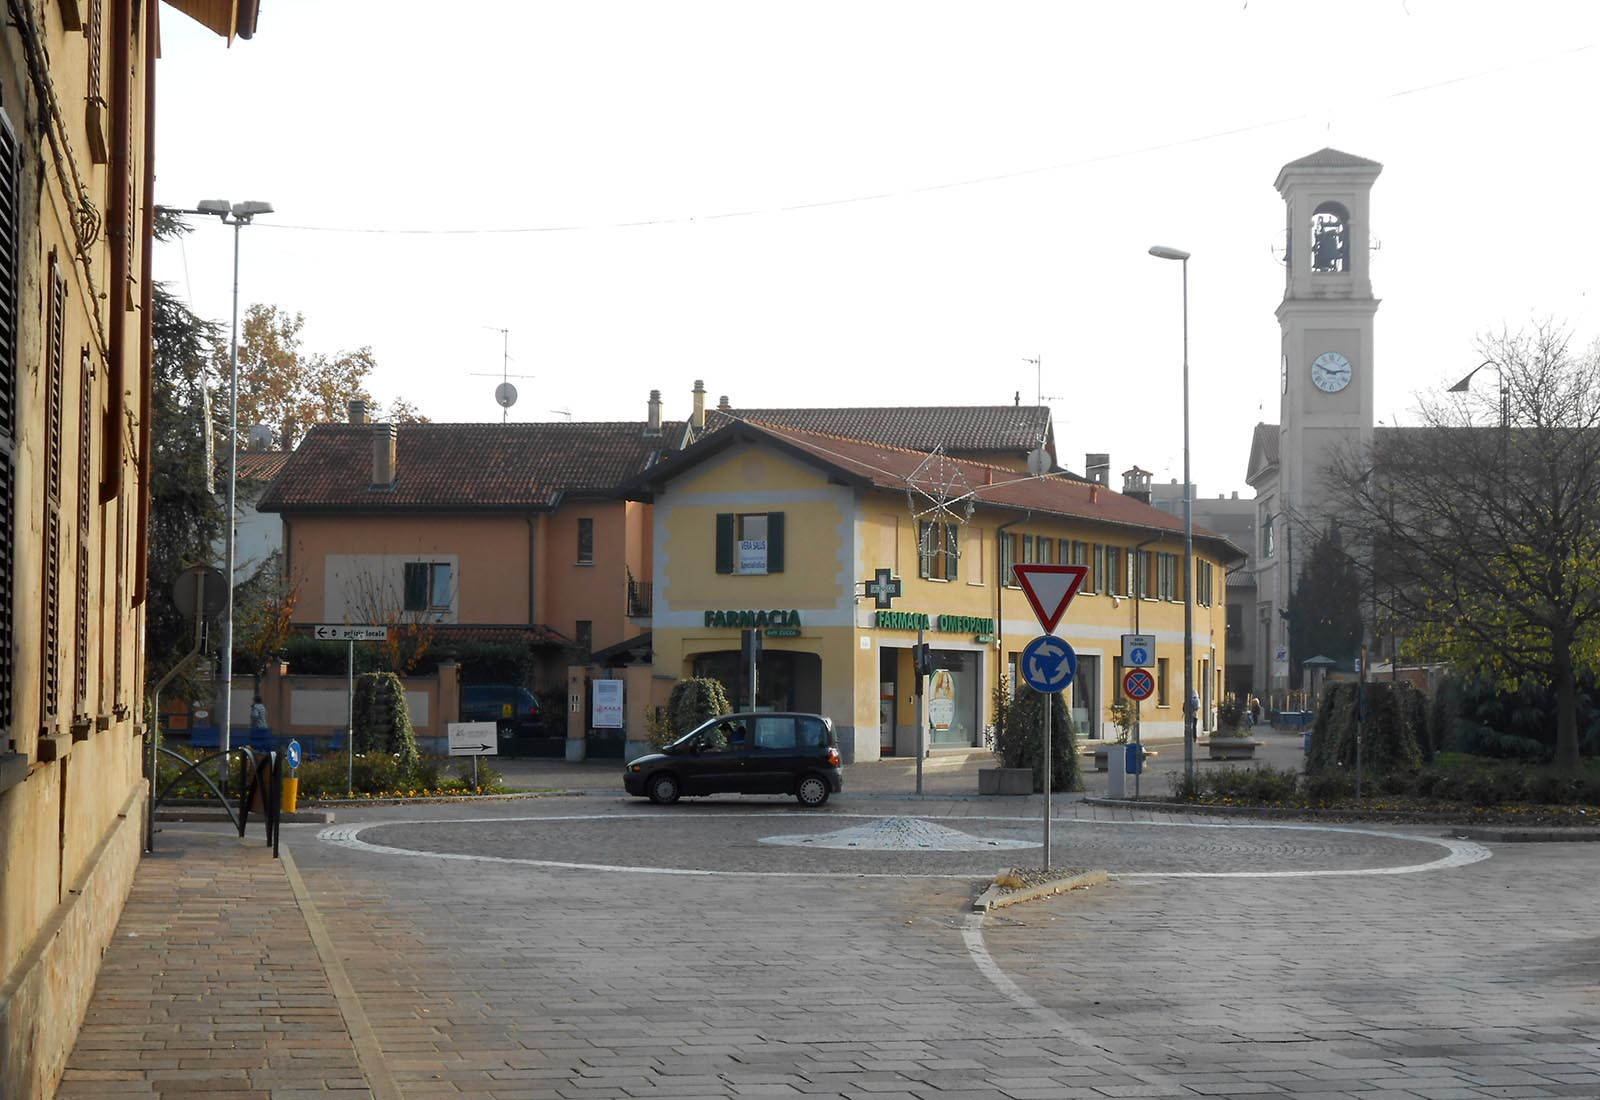 PGT Segrate - Il centro storico